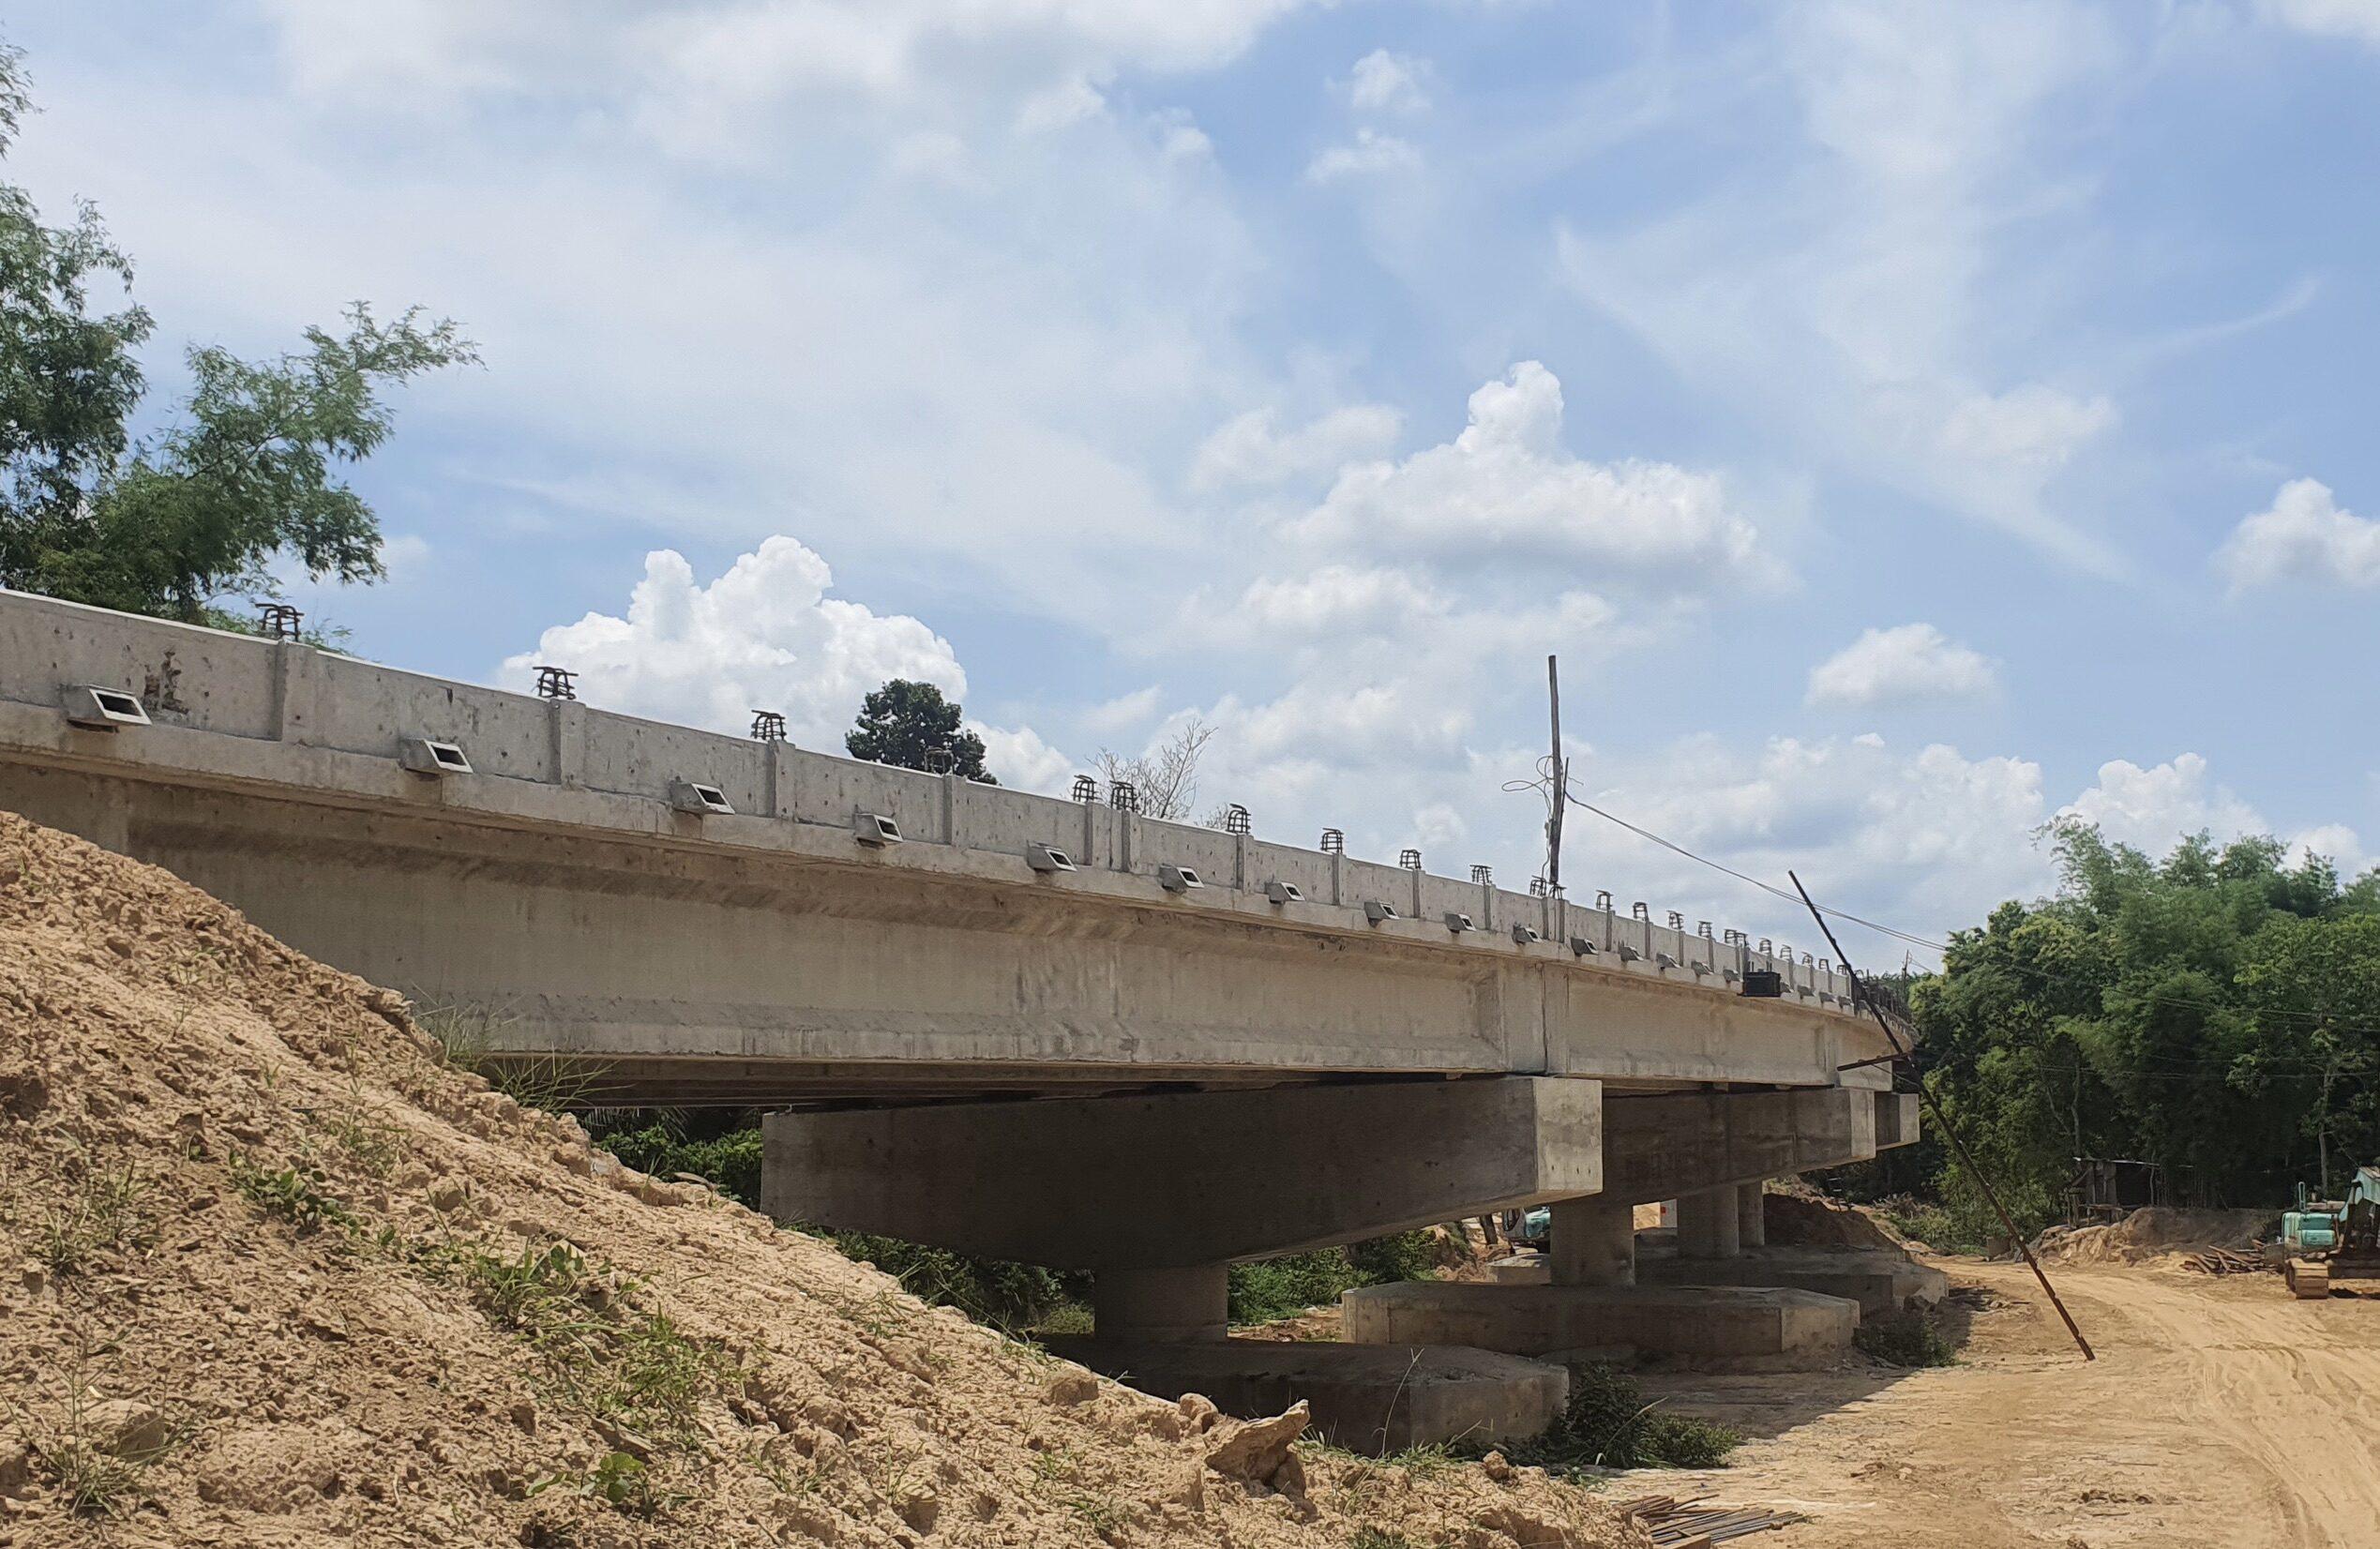 ทช.ผุดสะพานข้ามห้วยขะยูง อ.กันทรลักษ์ ร่นระยะทาง 15 กม. ช่วยประชาชนสัญจรสะดวก